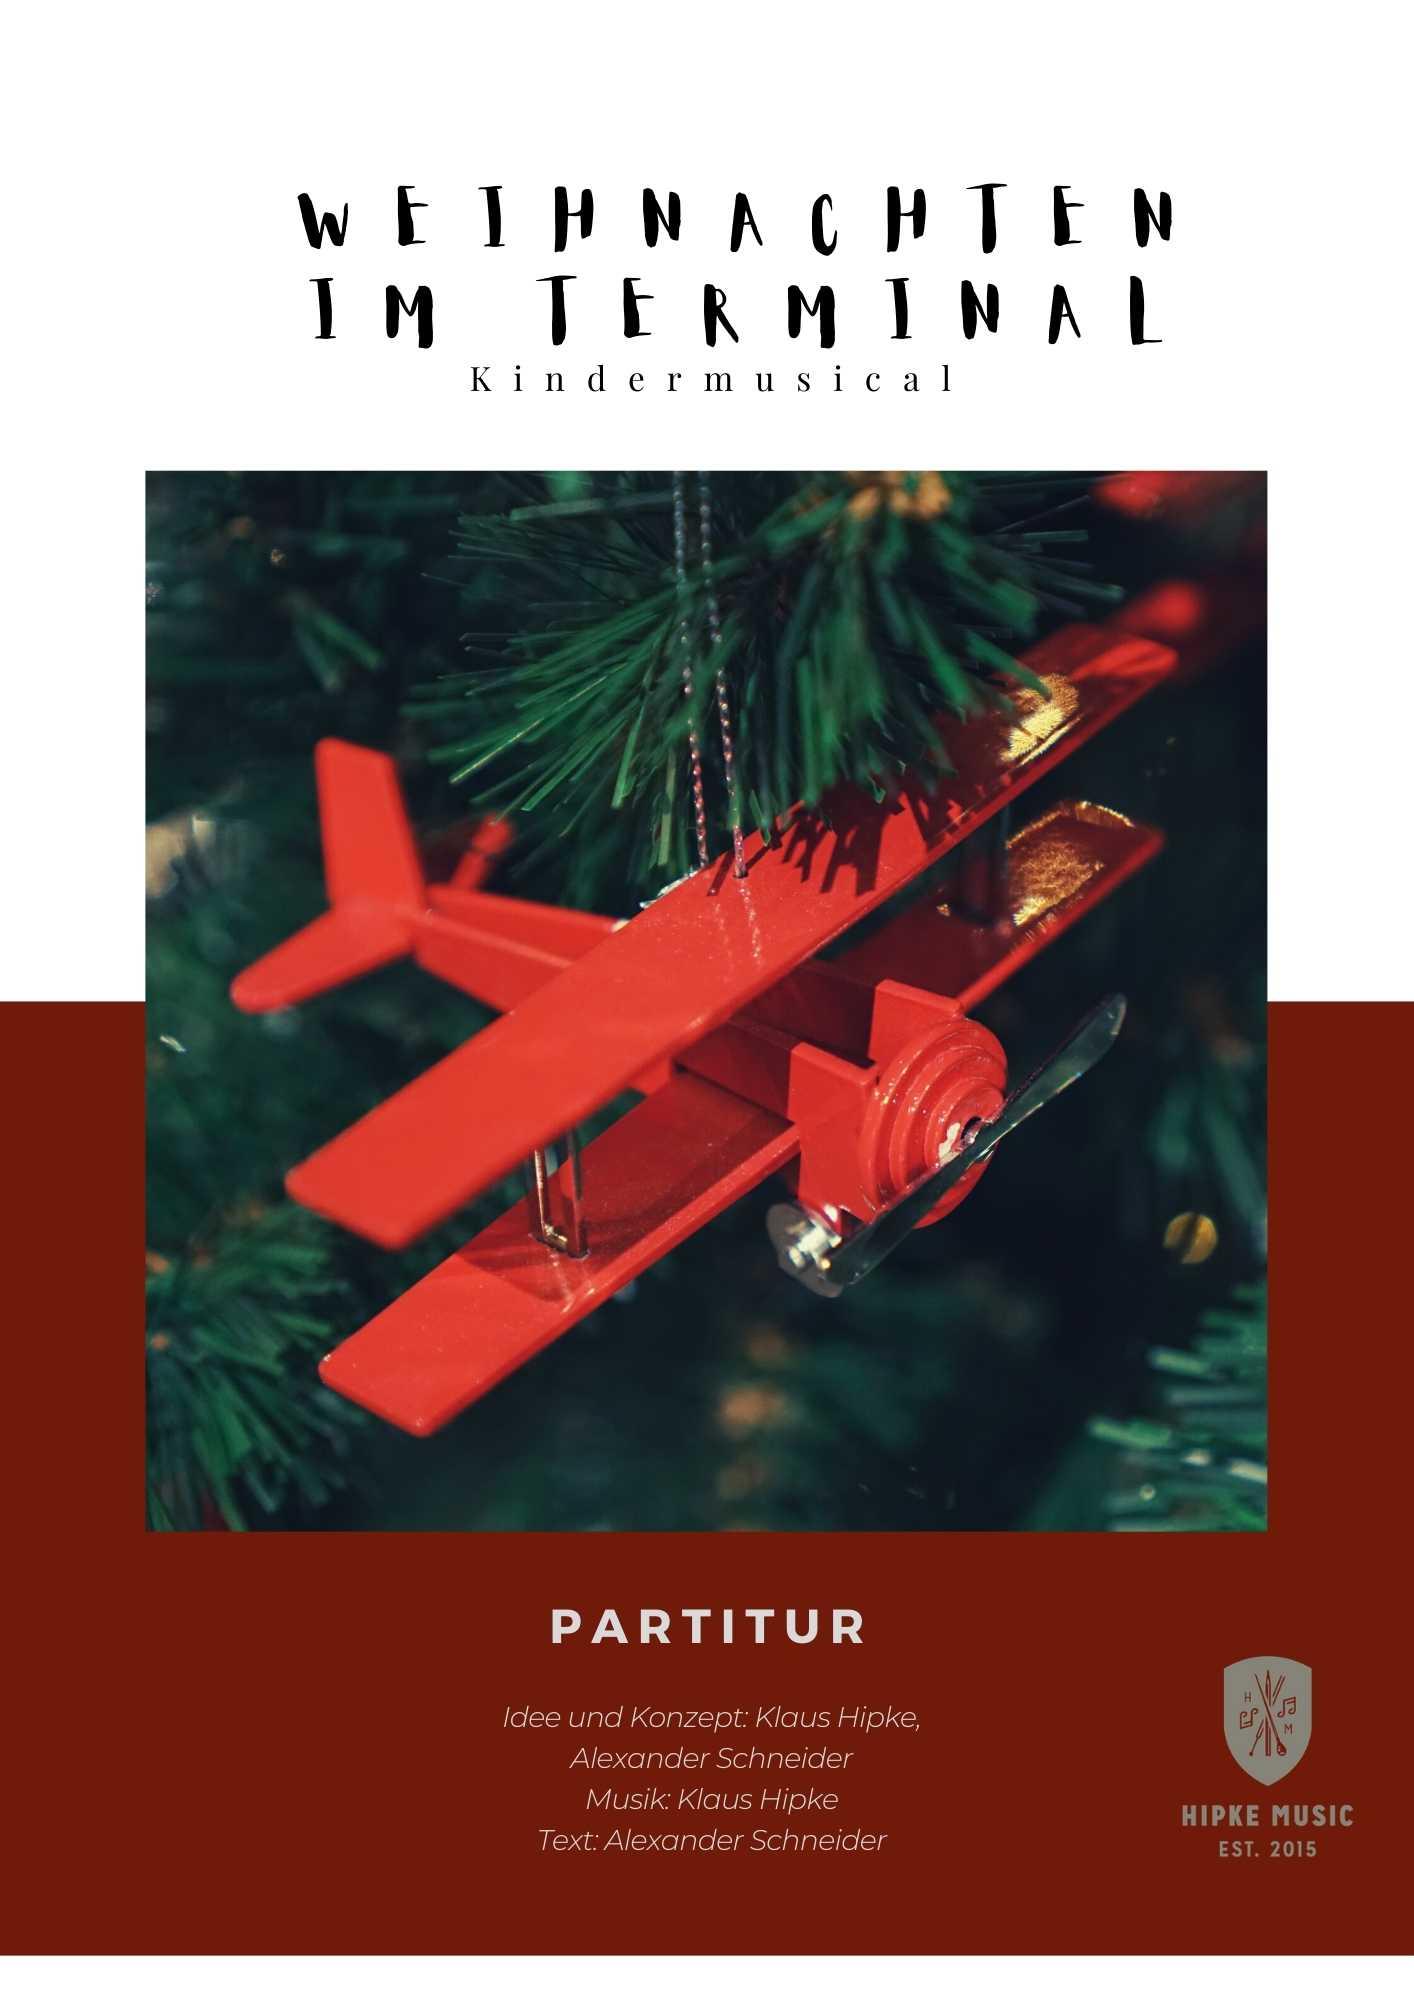 Kindermusical - Weihnachten im Terminal